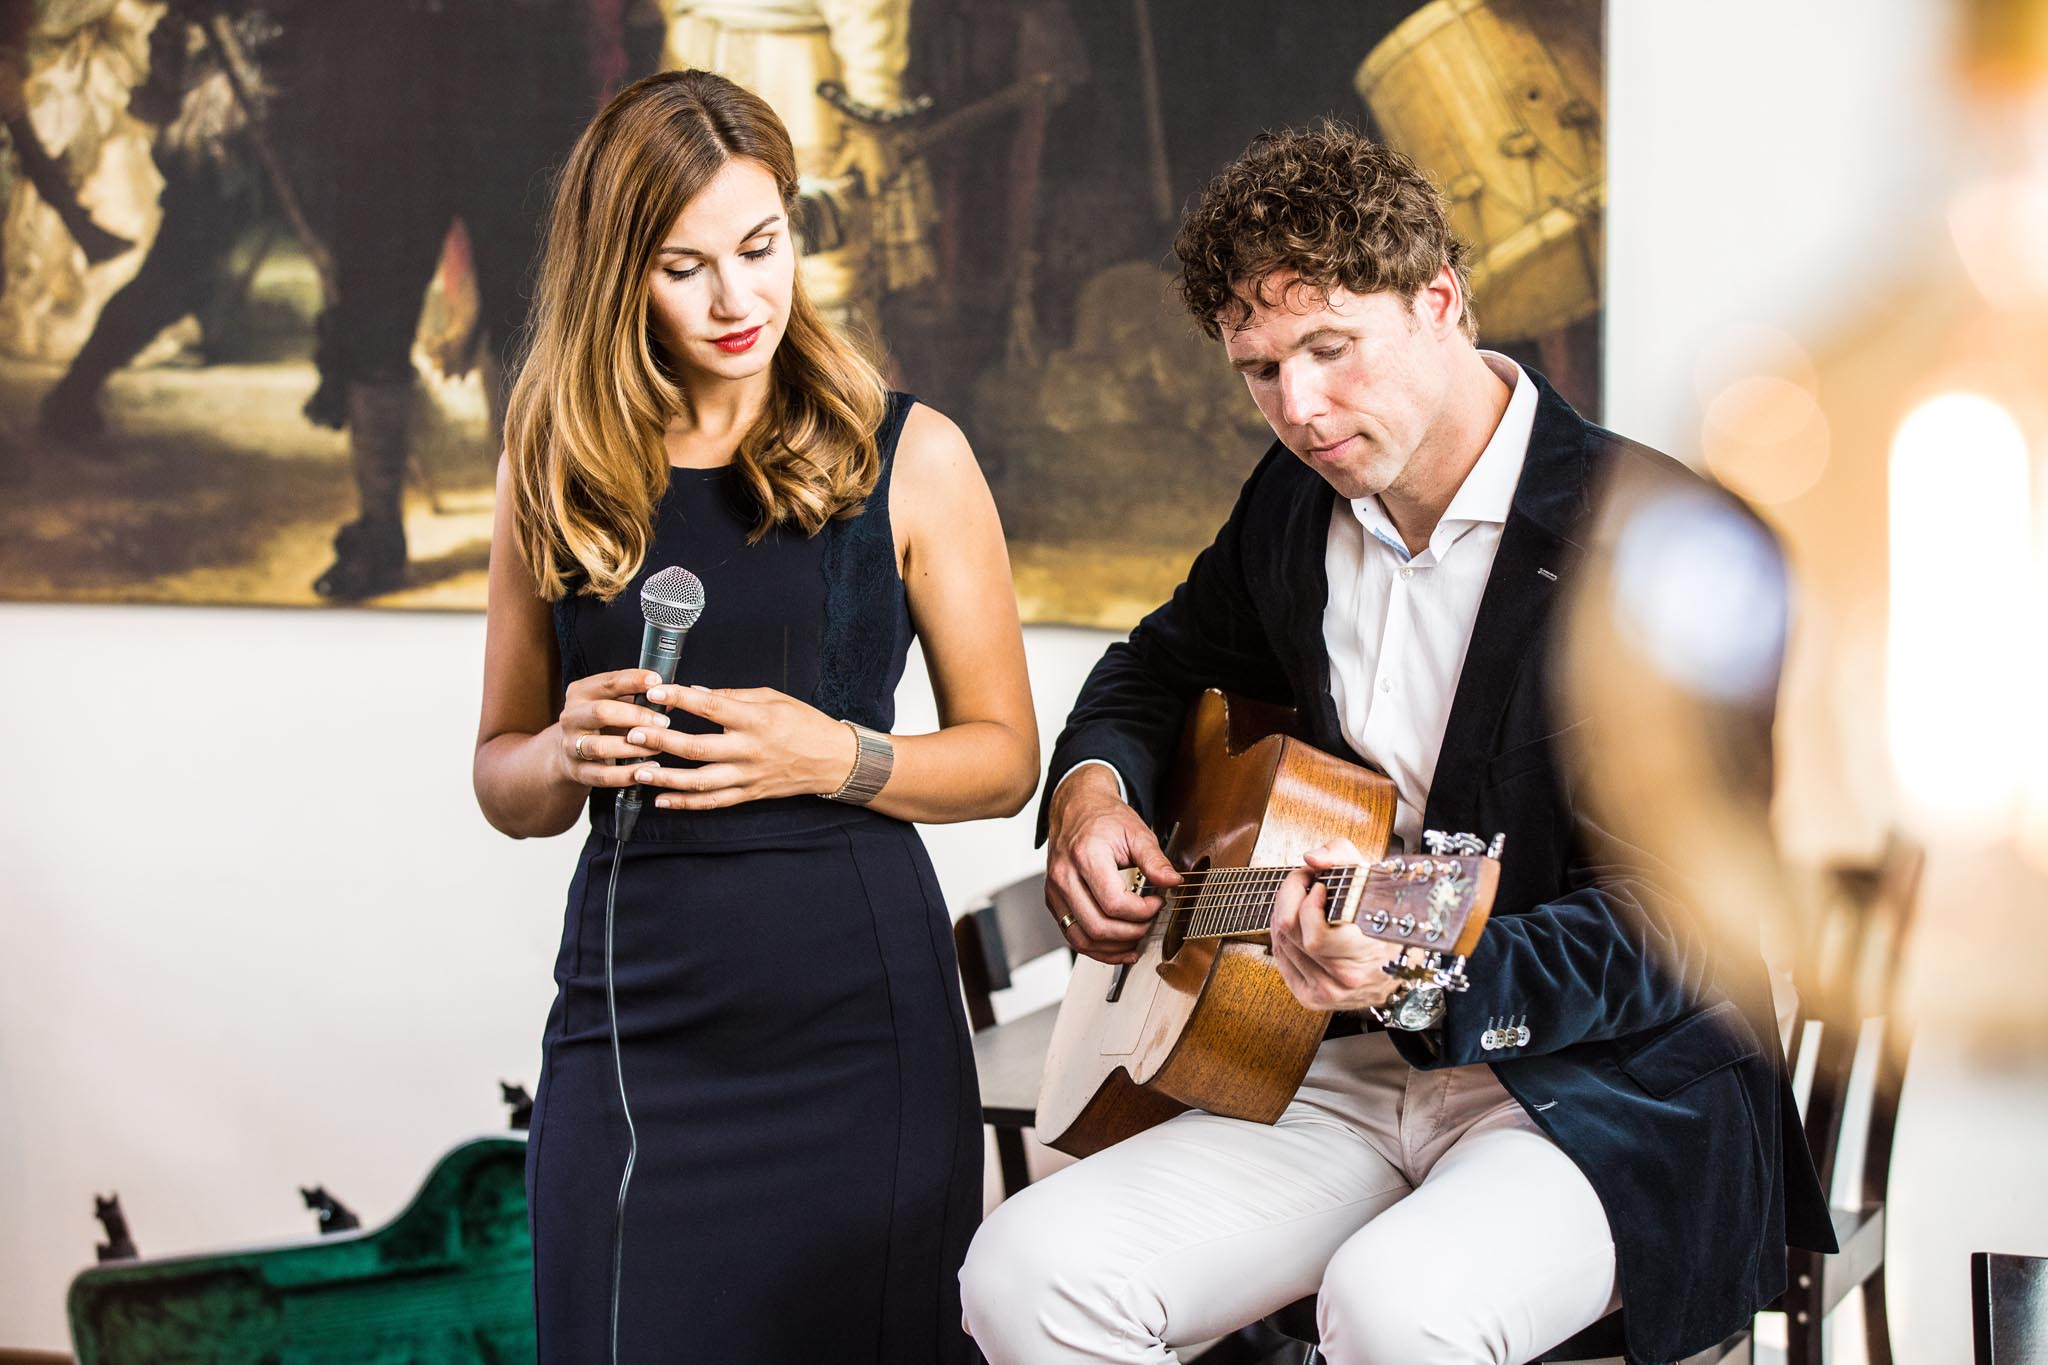 Lace muzikaal duo gitaar zangeres